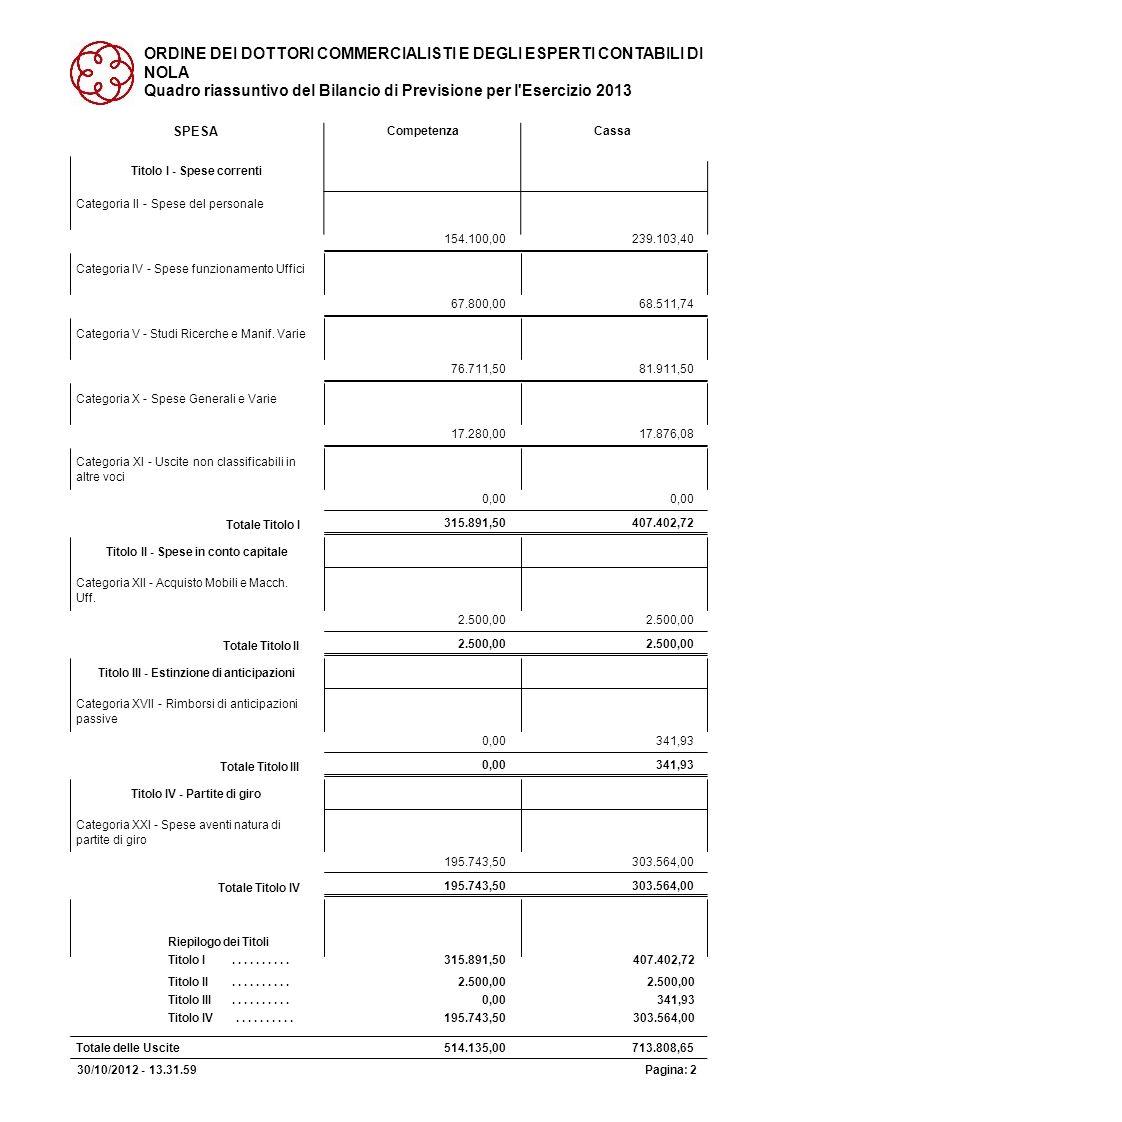 ORDINE DEI DOTTORI COMMERCIALISTI E DEGLI ESPERTI CONTABILI DI NOLA Quadro riassuntivo del Bilancio di Previsione per l'Esercizio 2013 Titolo I - Spes